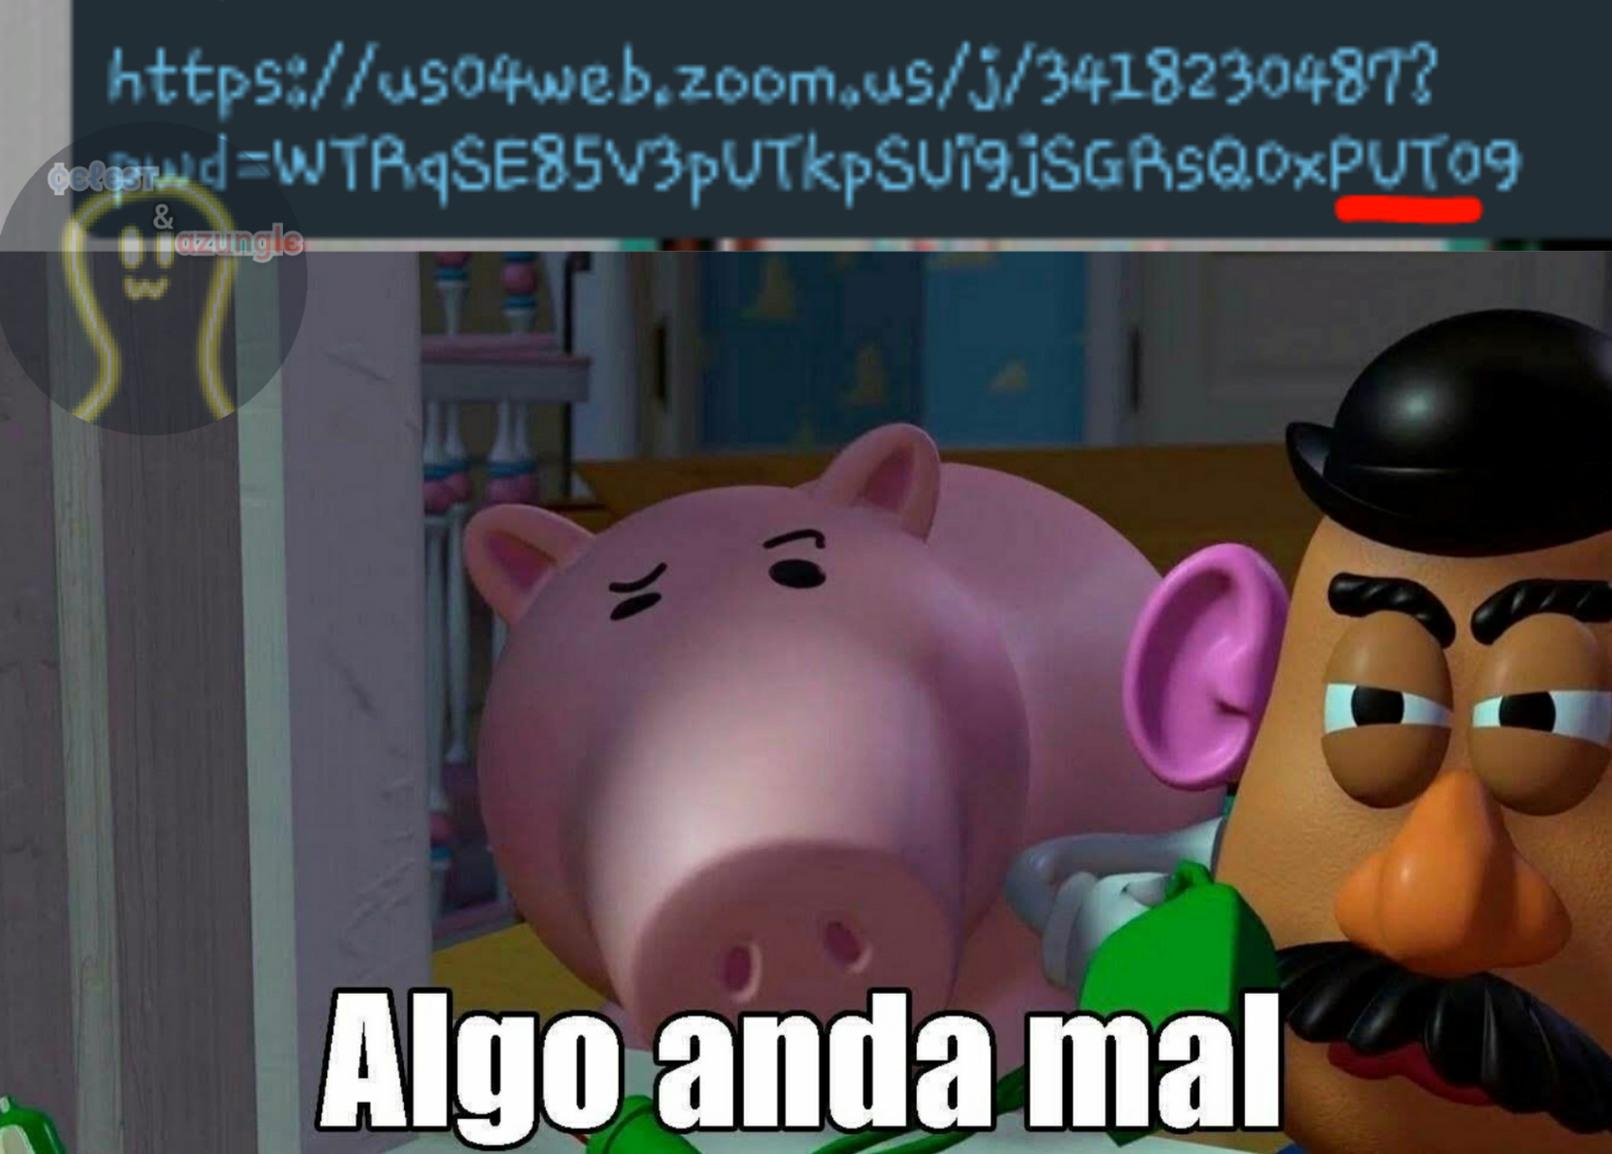 Calidad 4k - meme